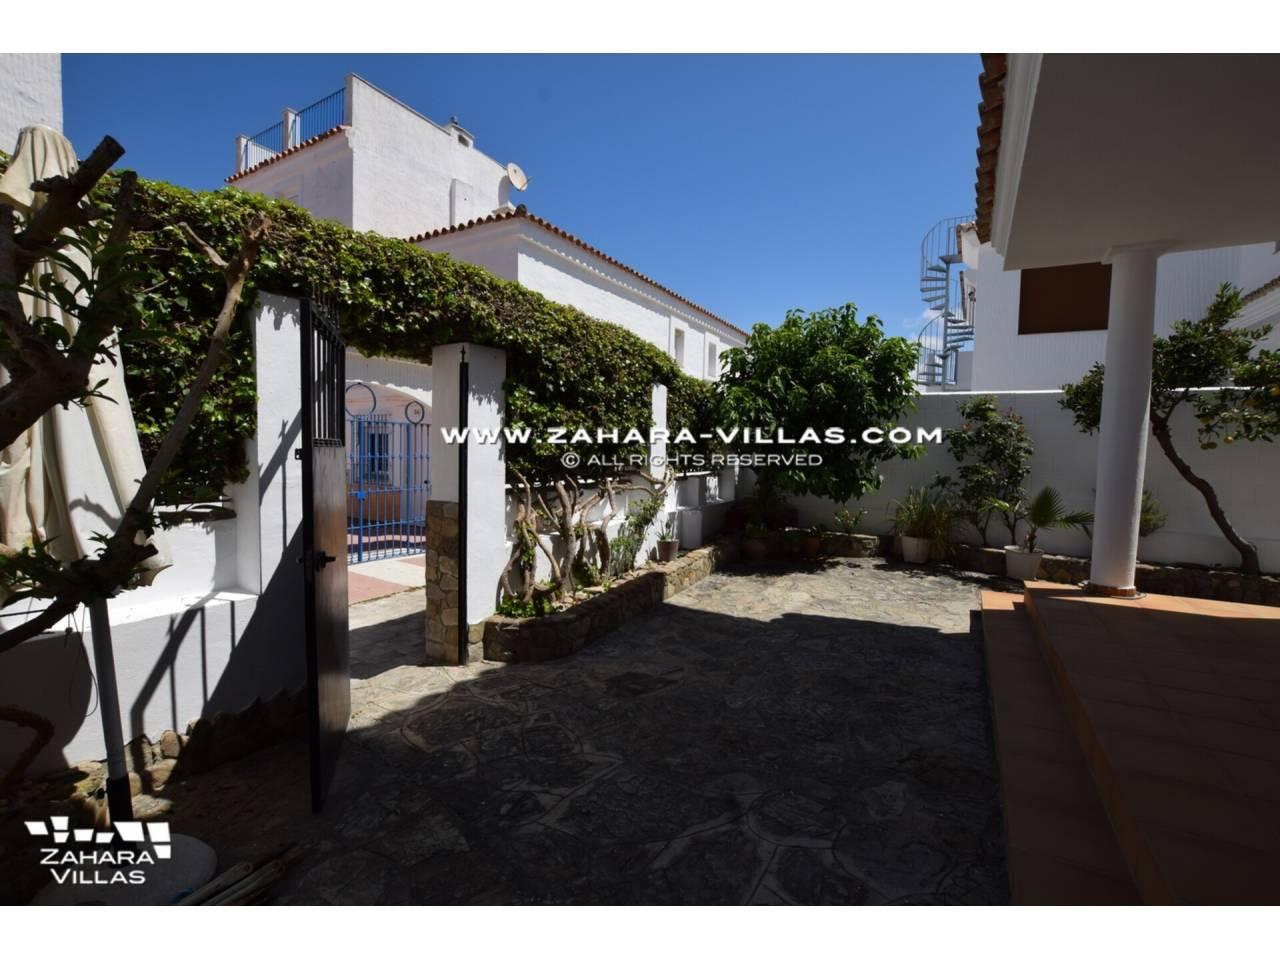 Imagen 8 de Casa en venta en segunda línea de playa, con vistas al mar en Zahara de los Atunes